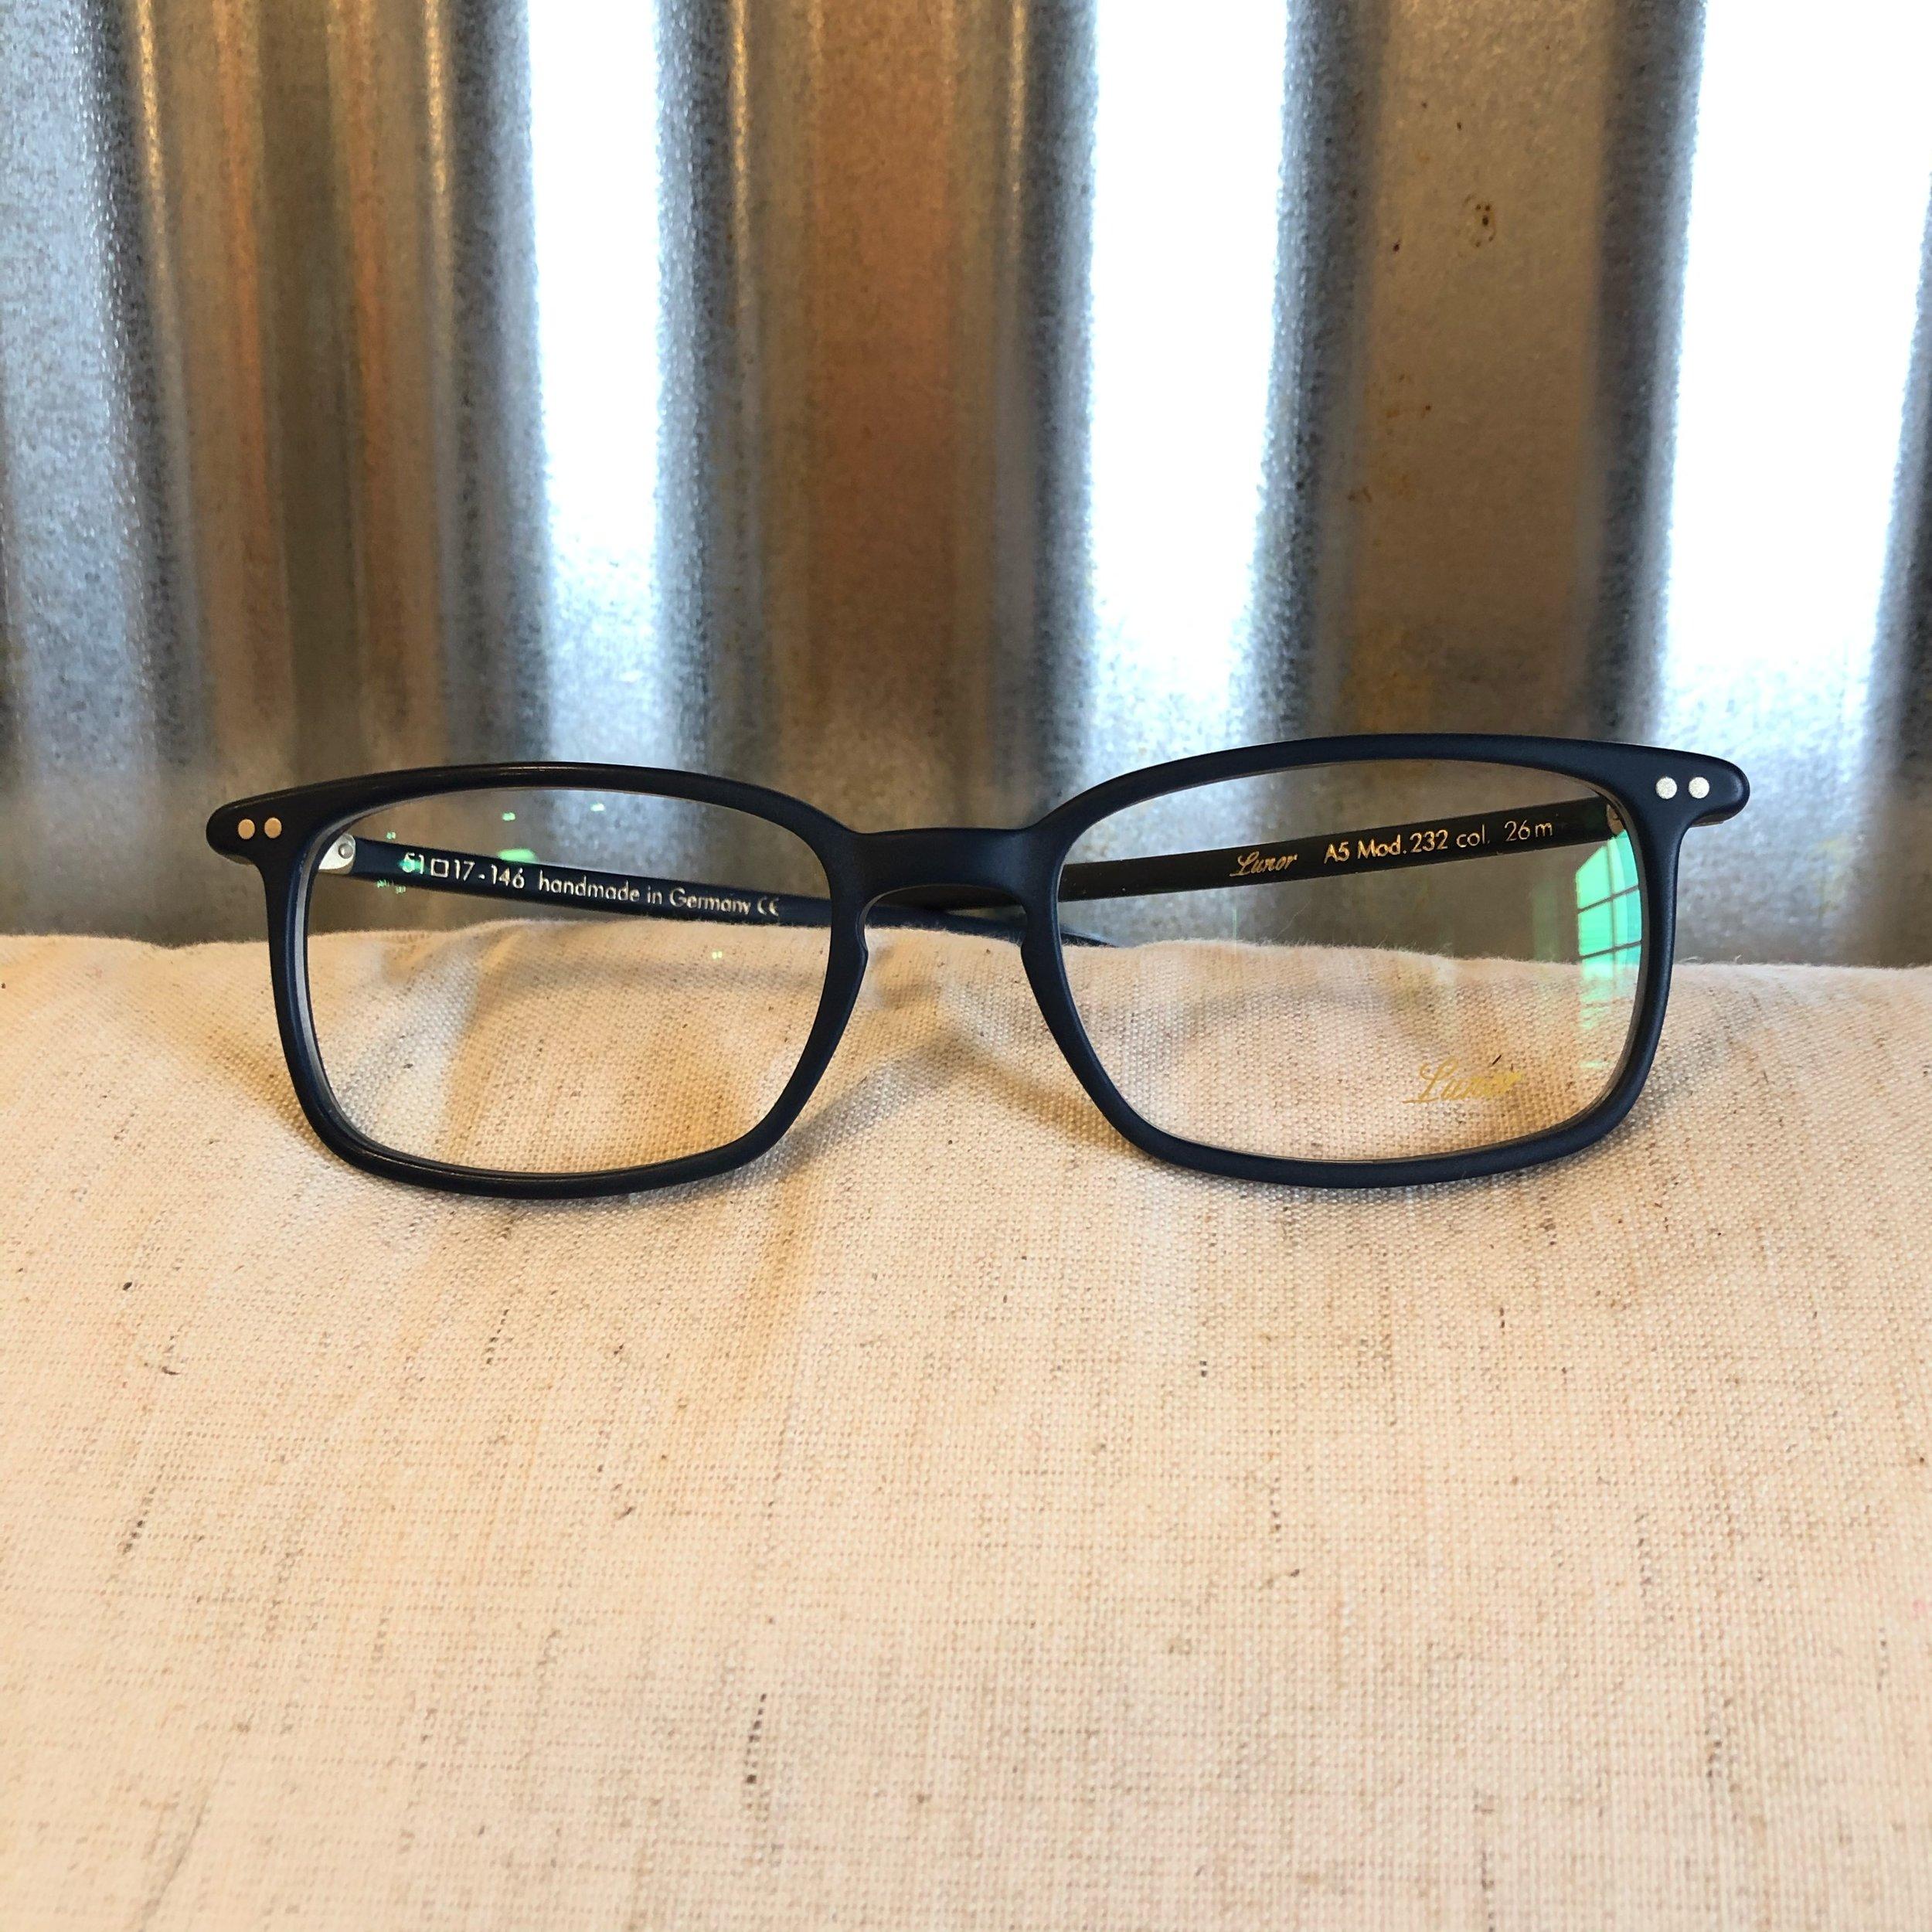 Lunor_Frameology_Eyeglasses_Germany.jpg